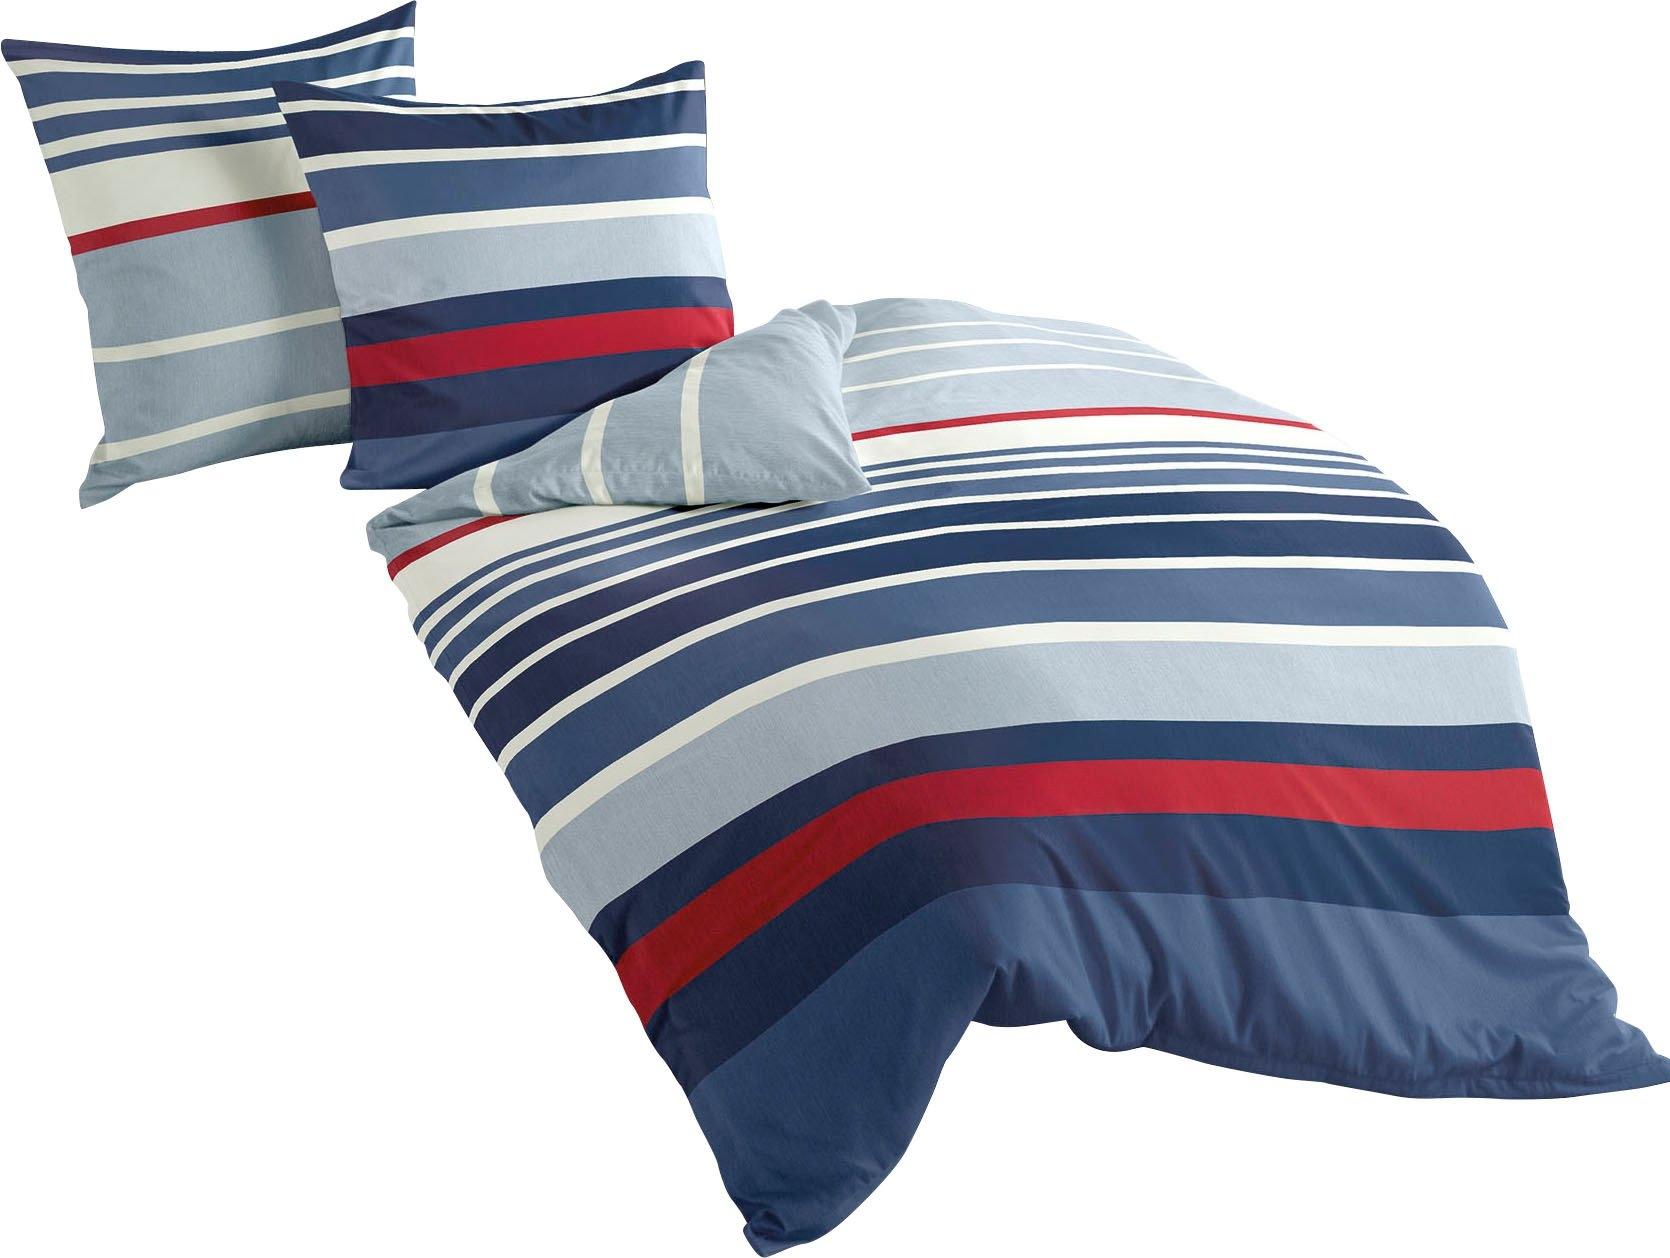 Op zoek naar een BIERBAUM overtrekset Blue stripes met strepen (2-delig)? Koop online bij OTTO